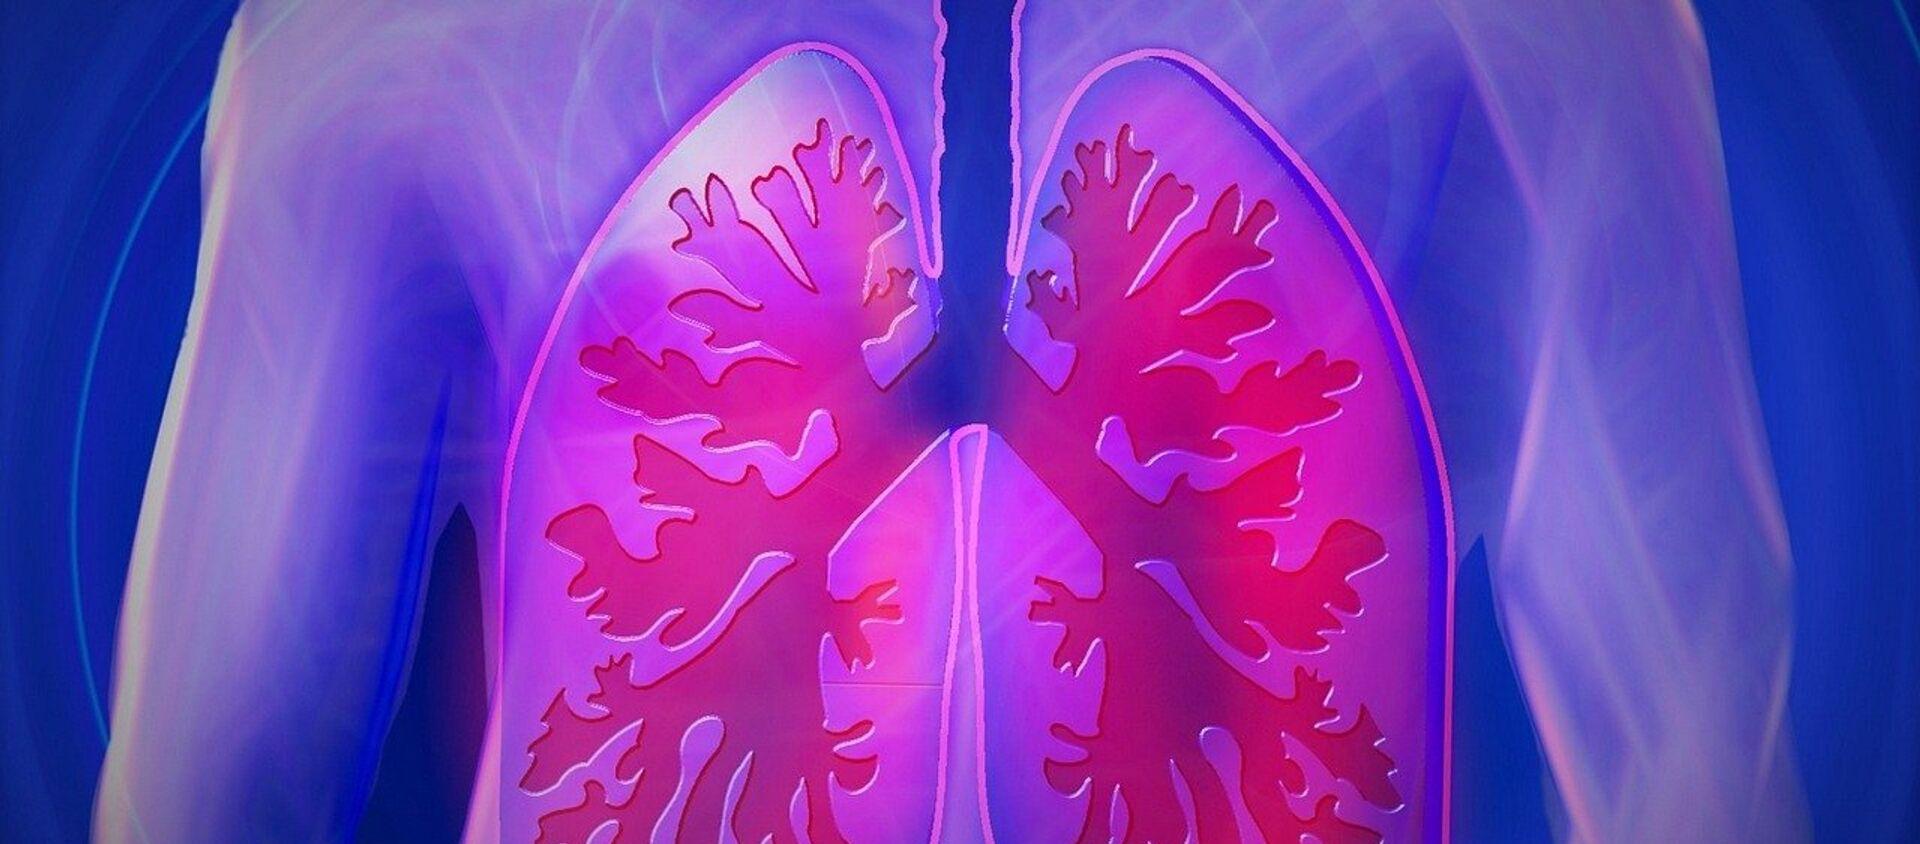 Los pulmones de una persona - Sputnik Mundo, 1920, 12.11.2019